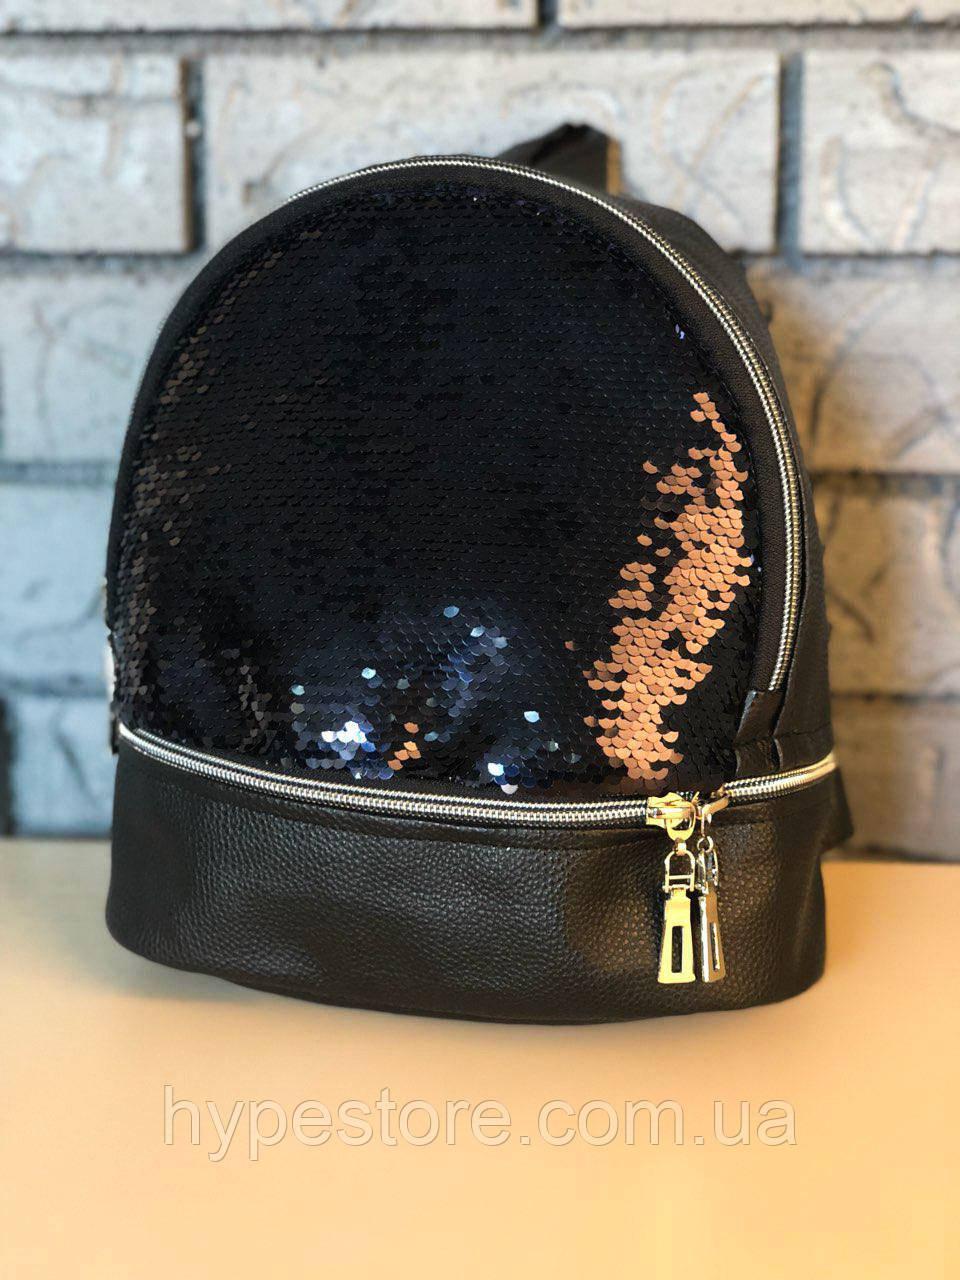 Женская сумка, сумочка, портфель, рюкзак со стразами (черный), Реплика